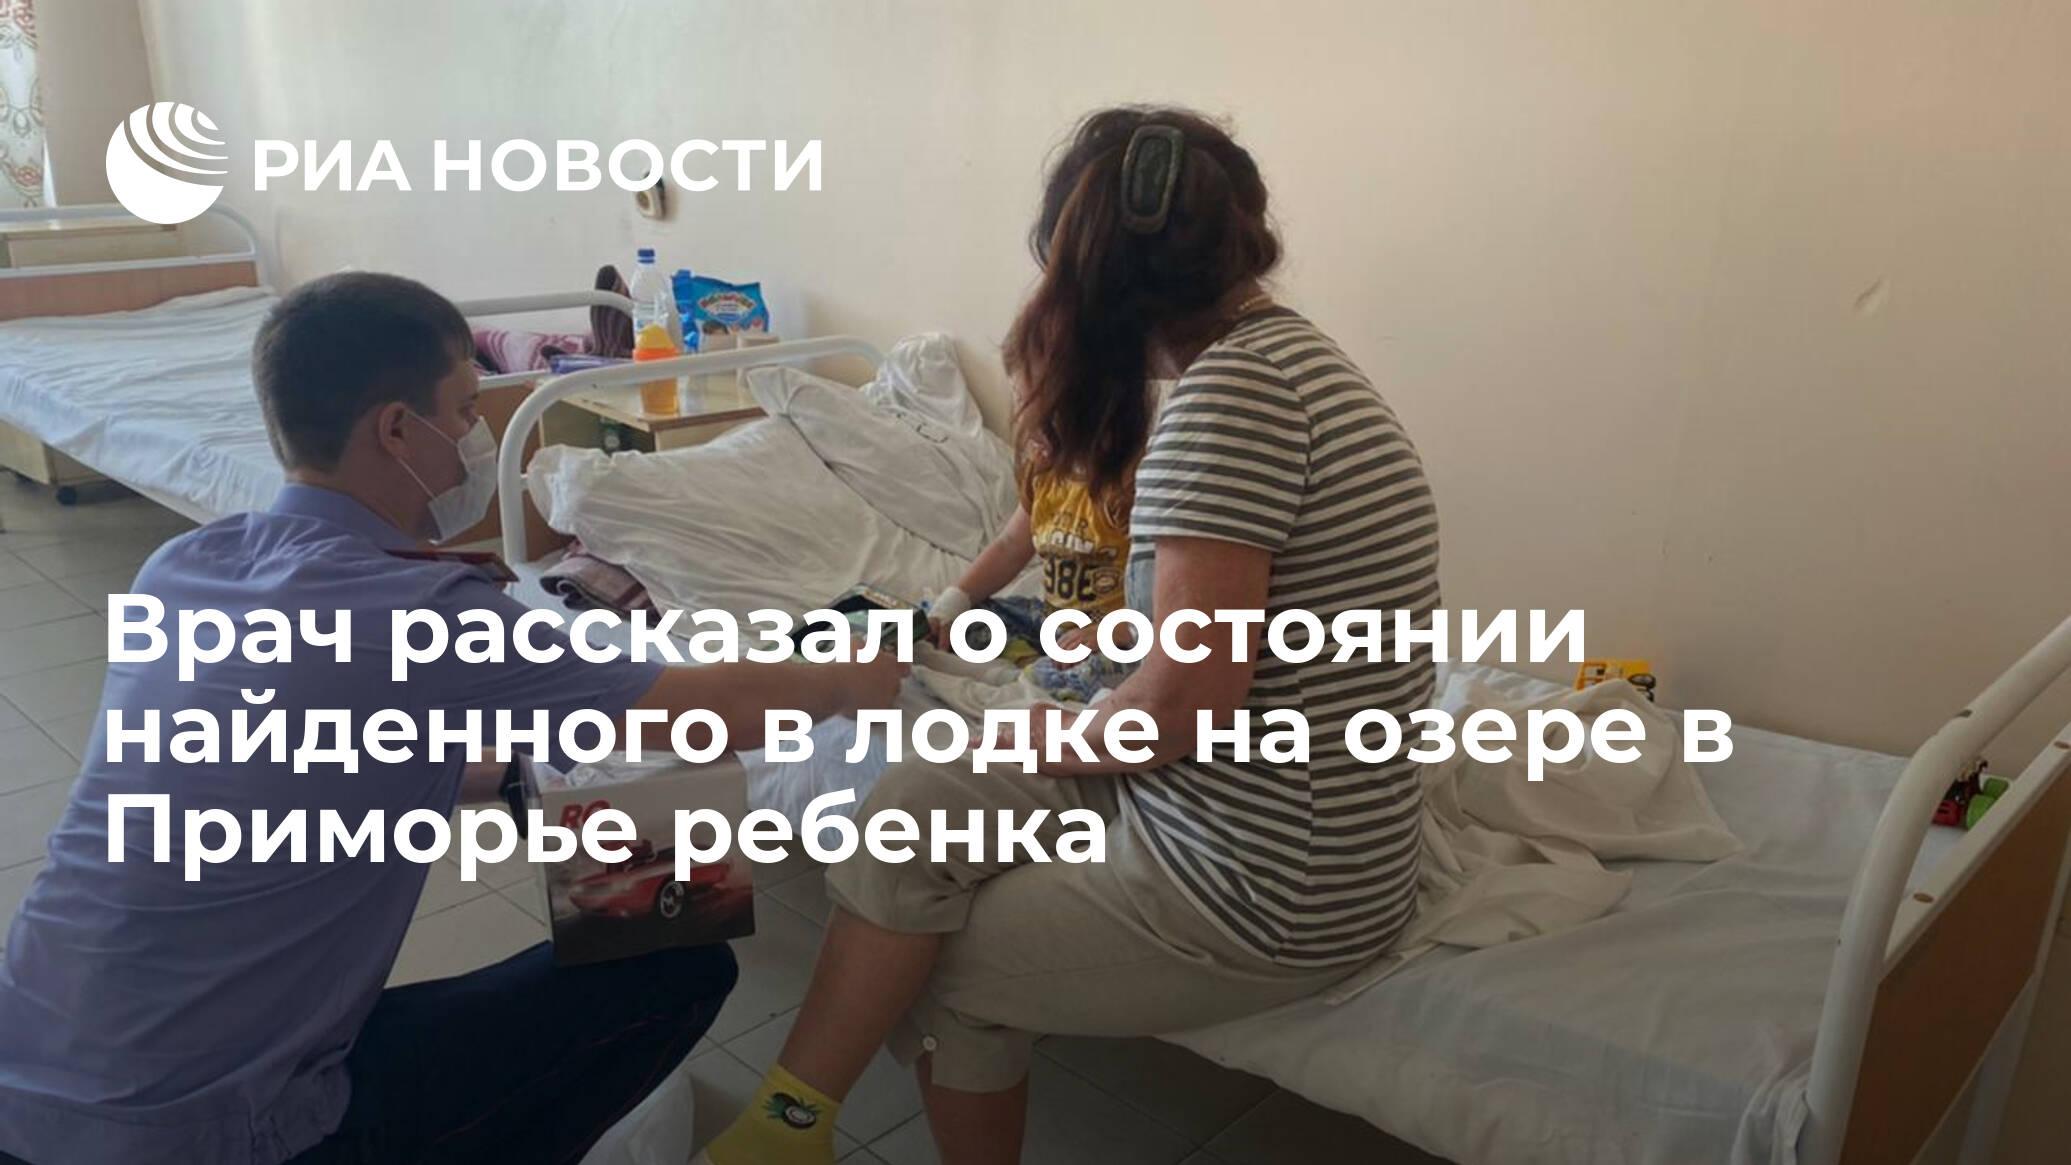 Врач заявил, что состояние ребенка, спасенного на озере Ханка в Приморье, улучшилось